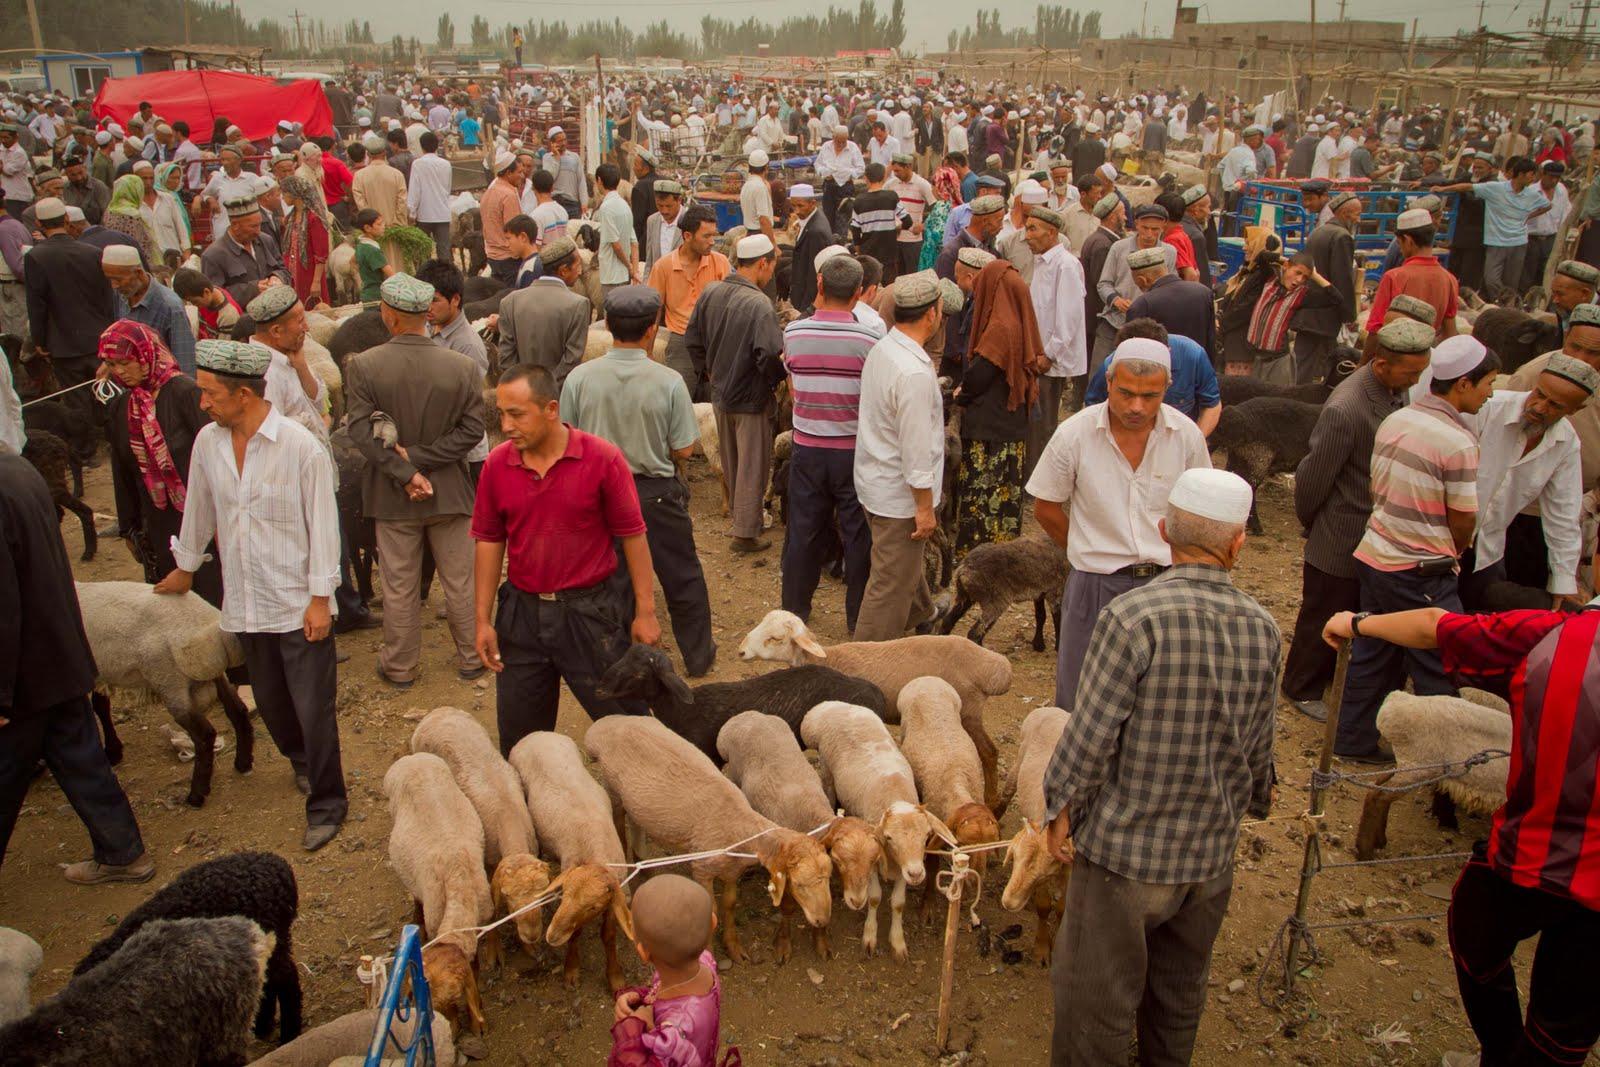 Kashgar (Kína) napi 200000 látogató